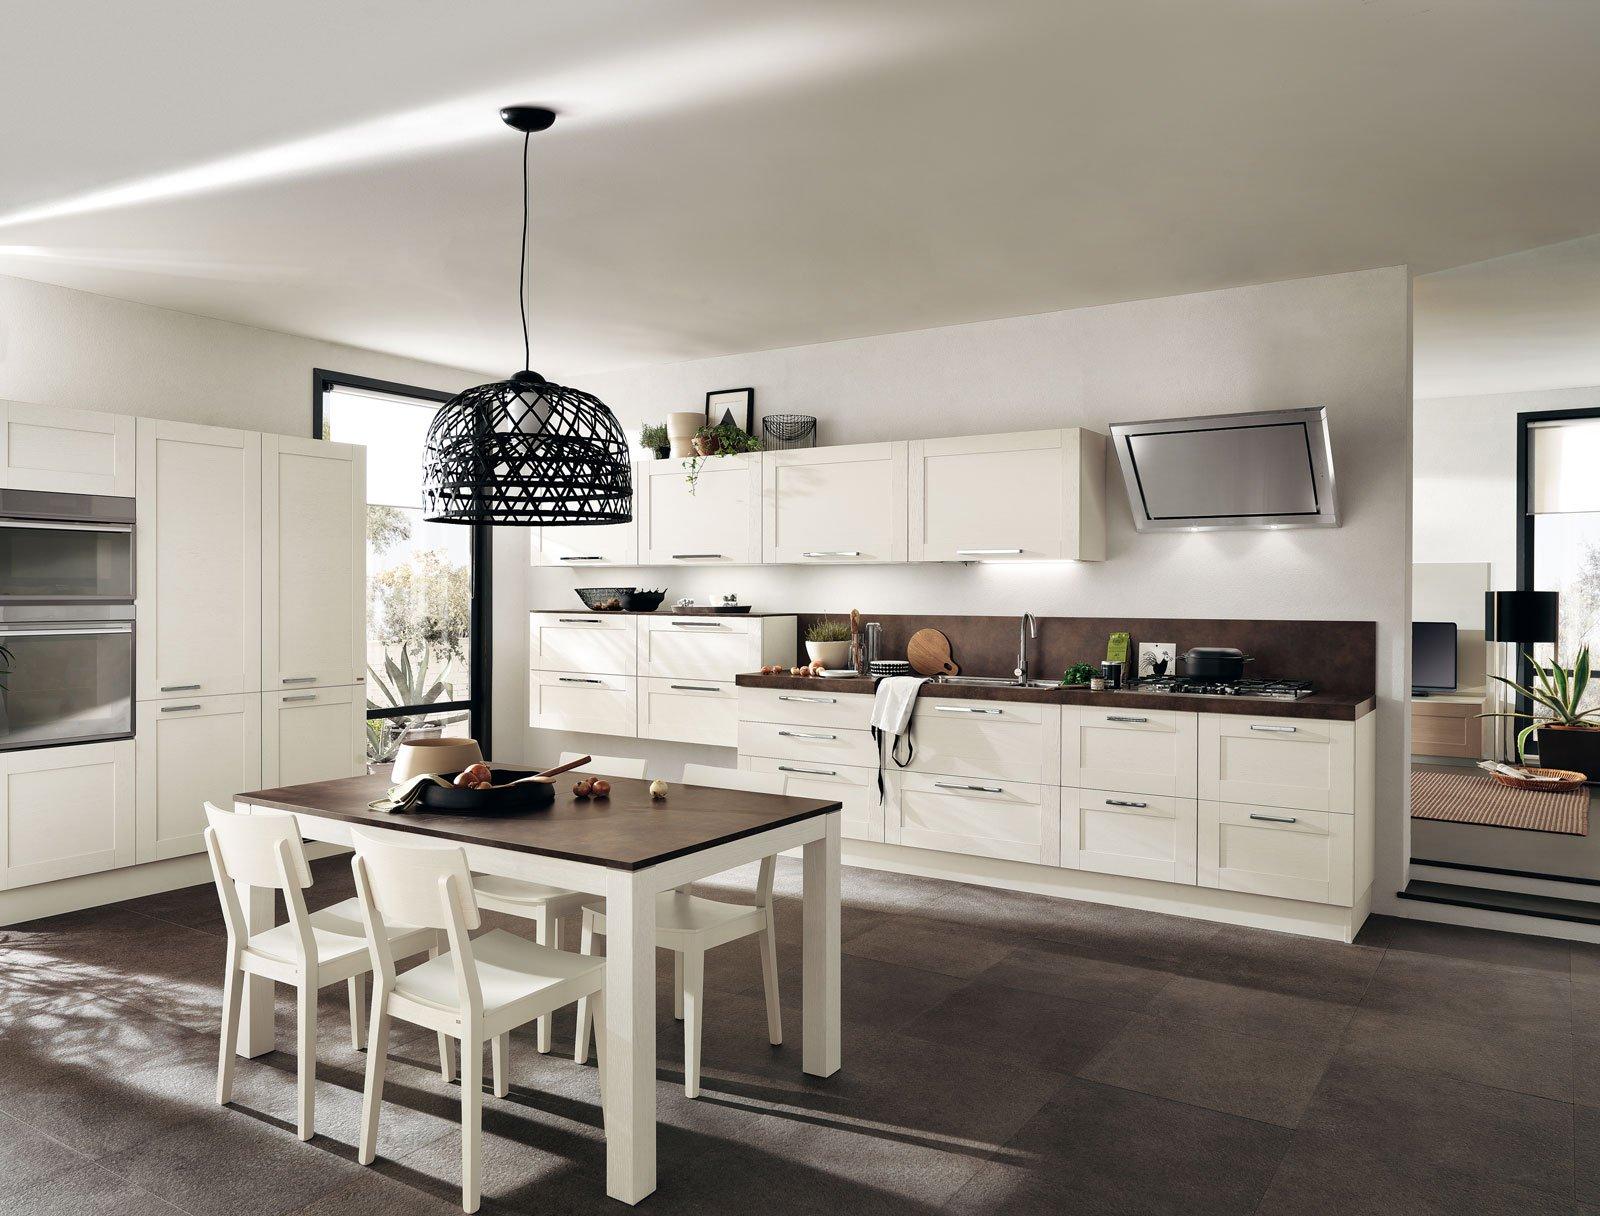 Cucine in legno tradizionali country o moderne cose di casa - Cucine scavolini country ...